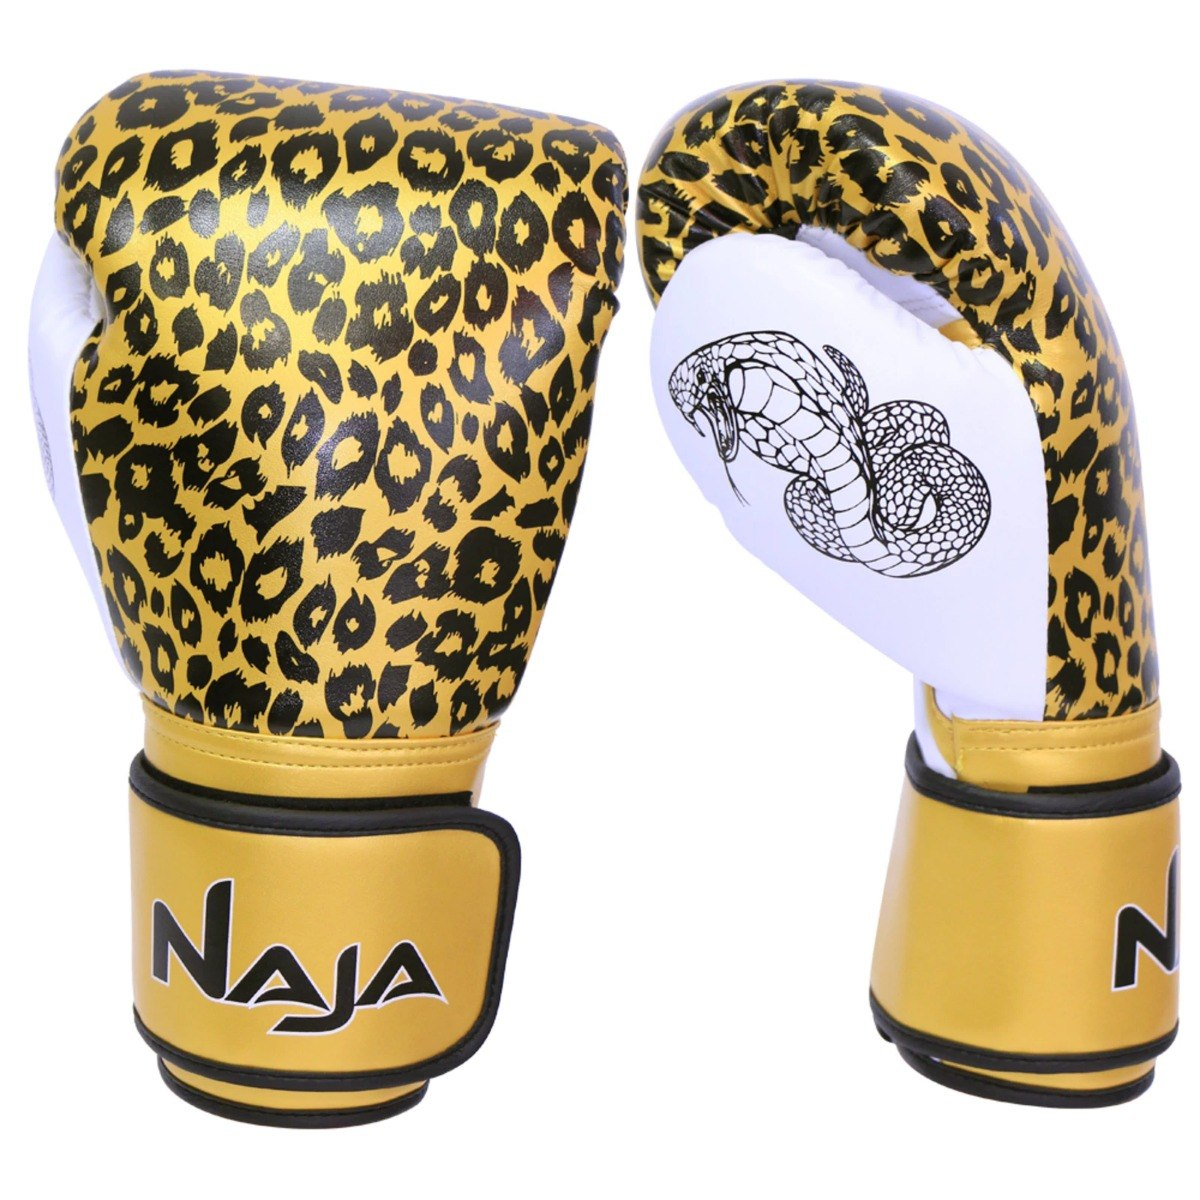 df90153bd luva muay thai boxe naja animal print - promoção relampago. Carregando zoom.